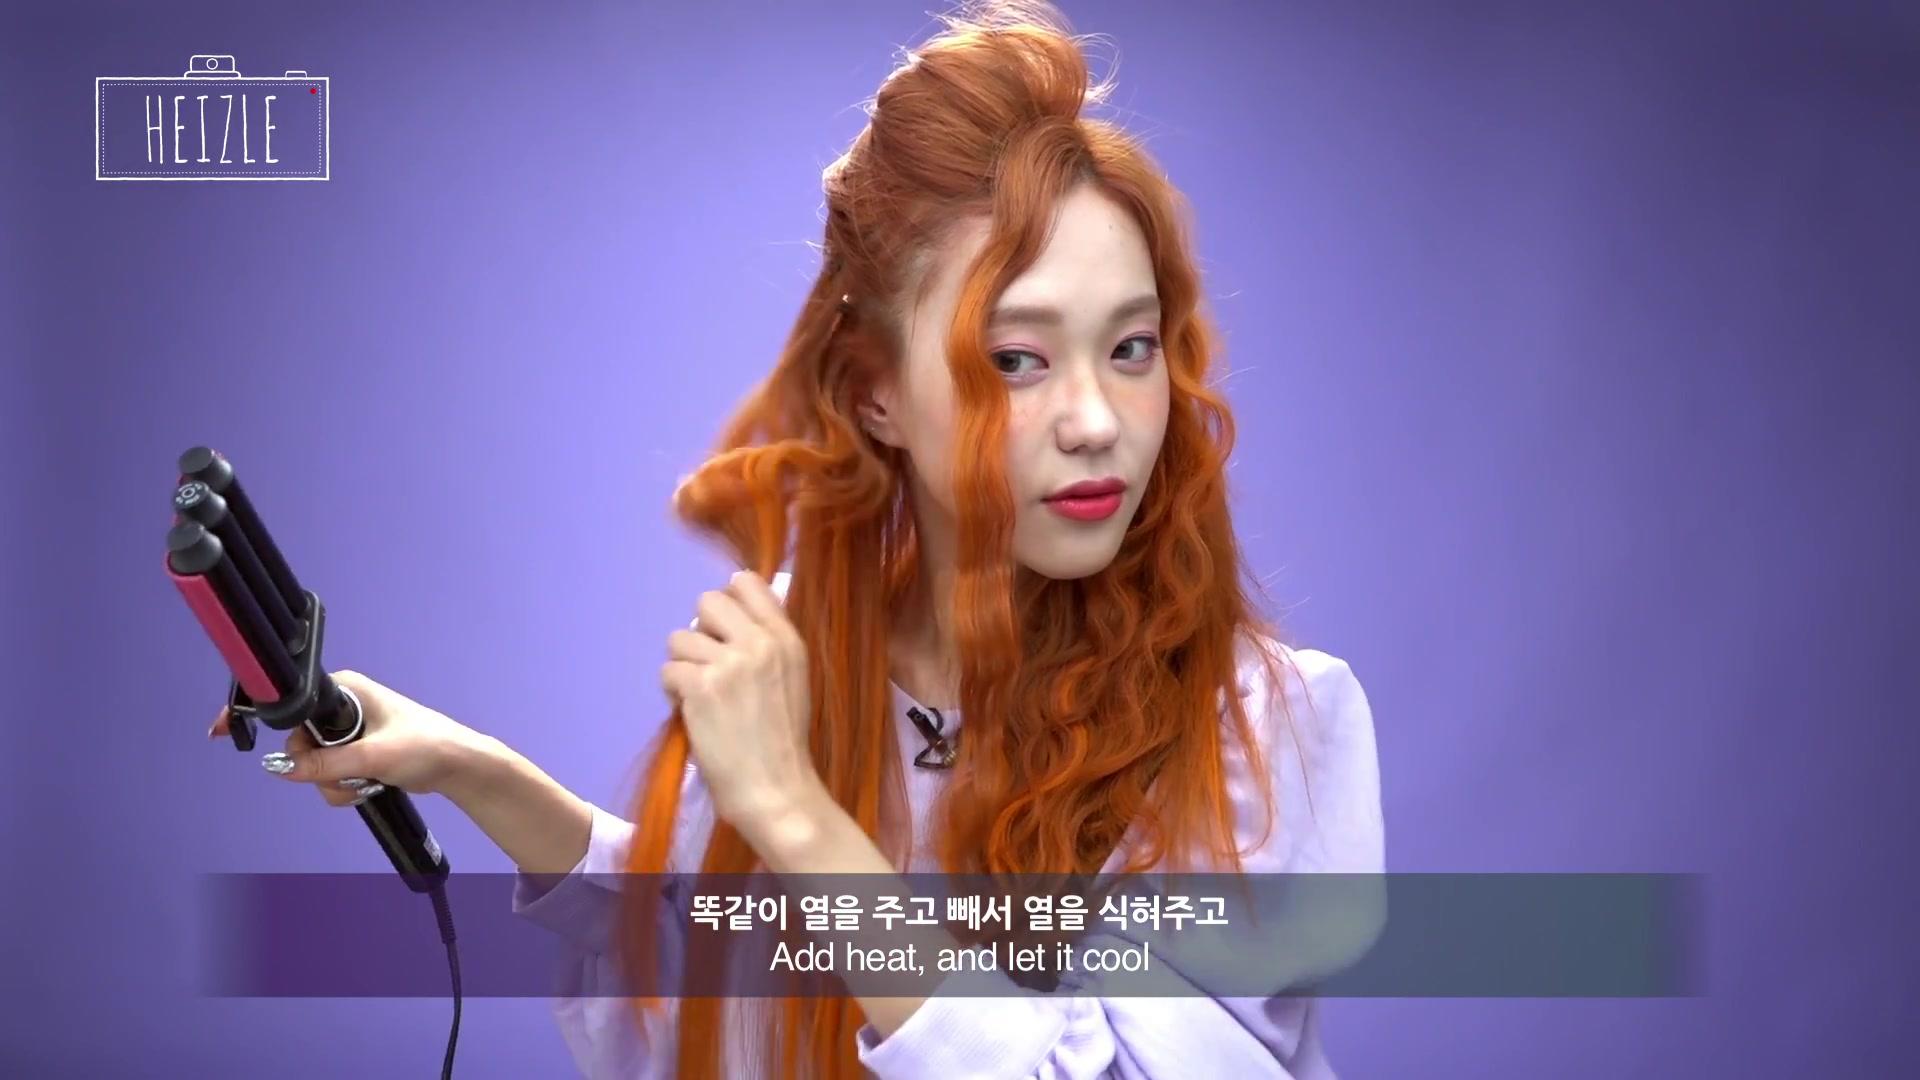 DIA TV Original: Heizle Episode 38: Easy Peasy 'Hippie Curly Hair' Using Heat Curler